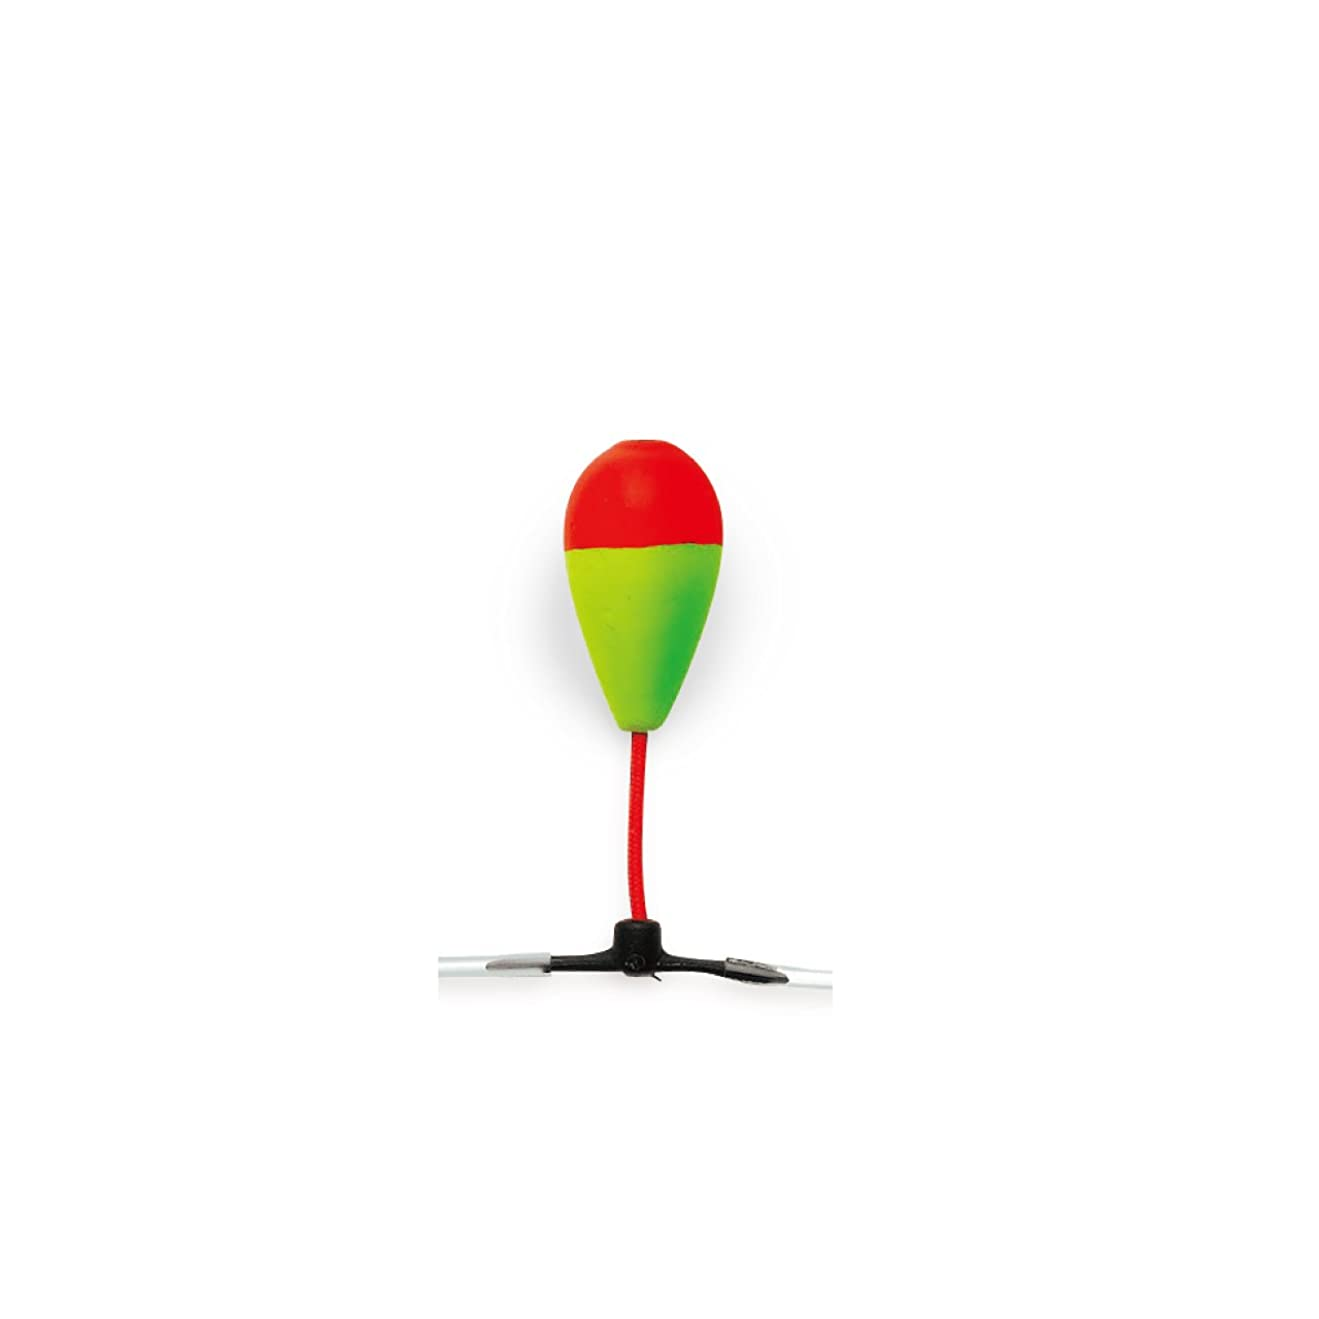 電球クリエイティブ煩わしいHIROMI(ヒロミ) ミライト 435G 緑